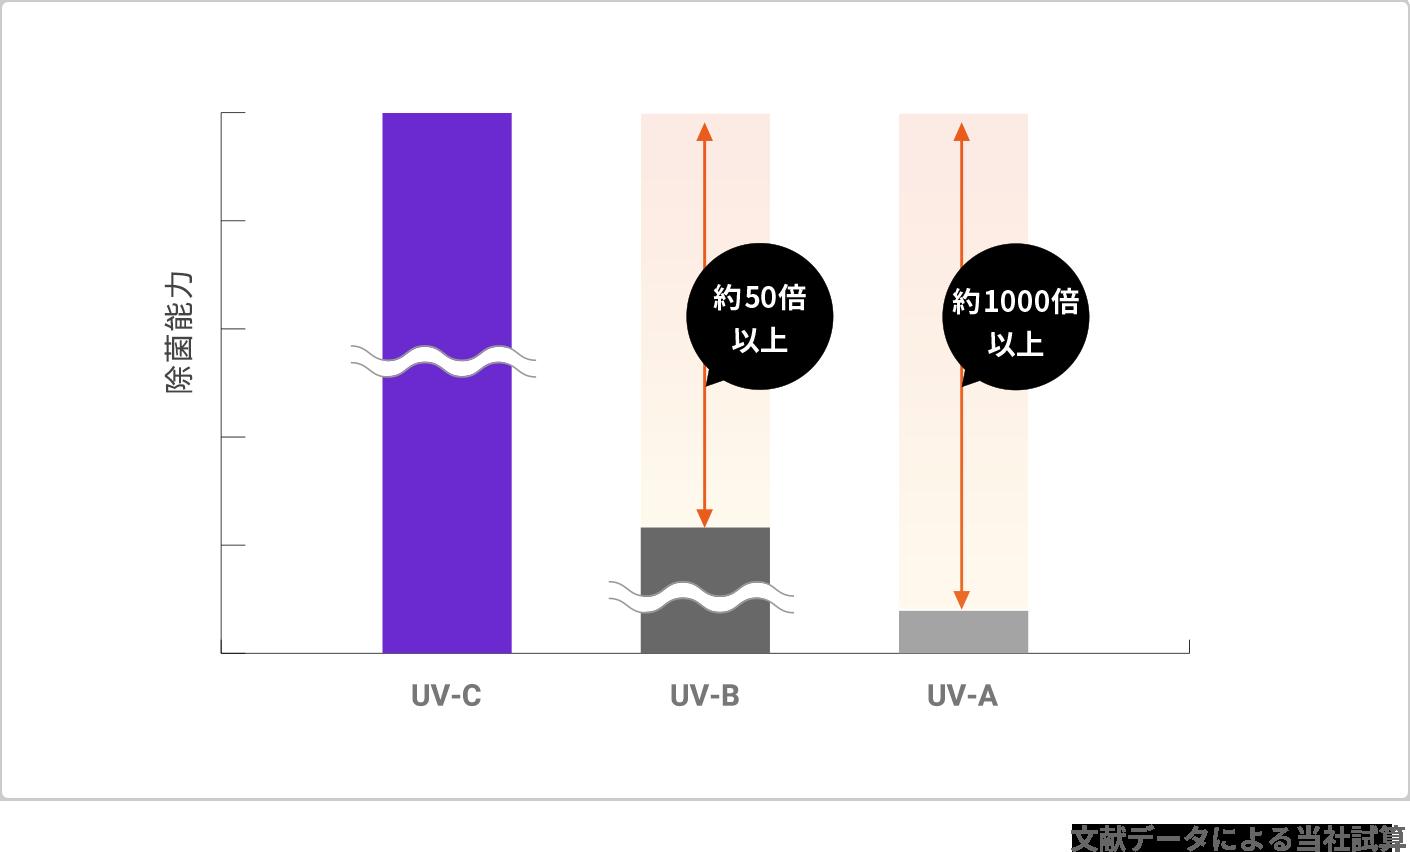 紫外線 消毒 コロナ 新型コロナウイルスは紫外線ランプで殺菌できるのか?